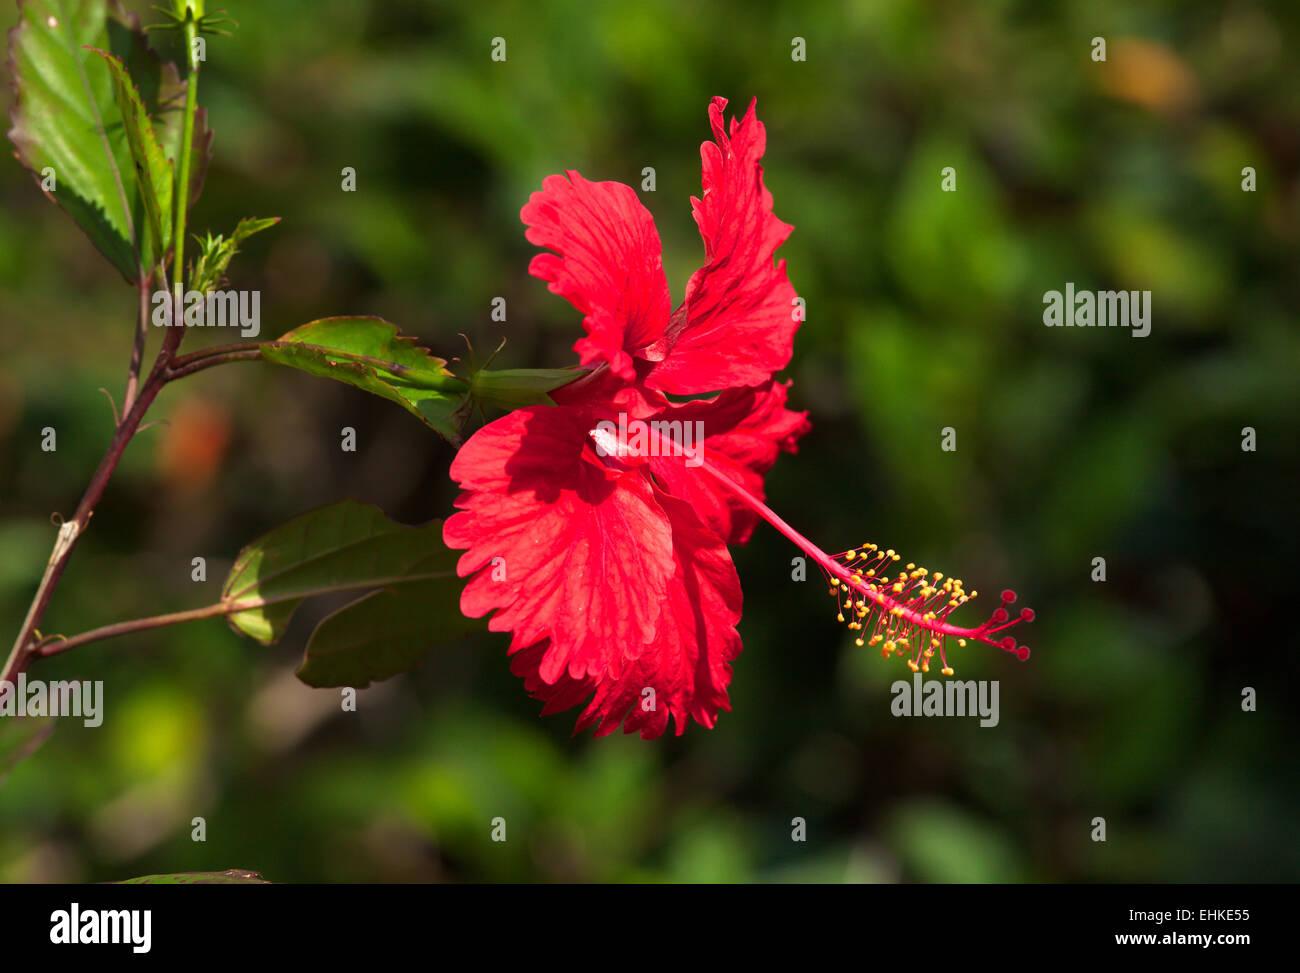 Red hibiscus flower in park of old havana cuba stock photo red hibiscus flower in park of old havana cuba izmirmasajfo